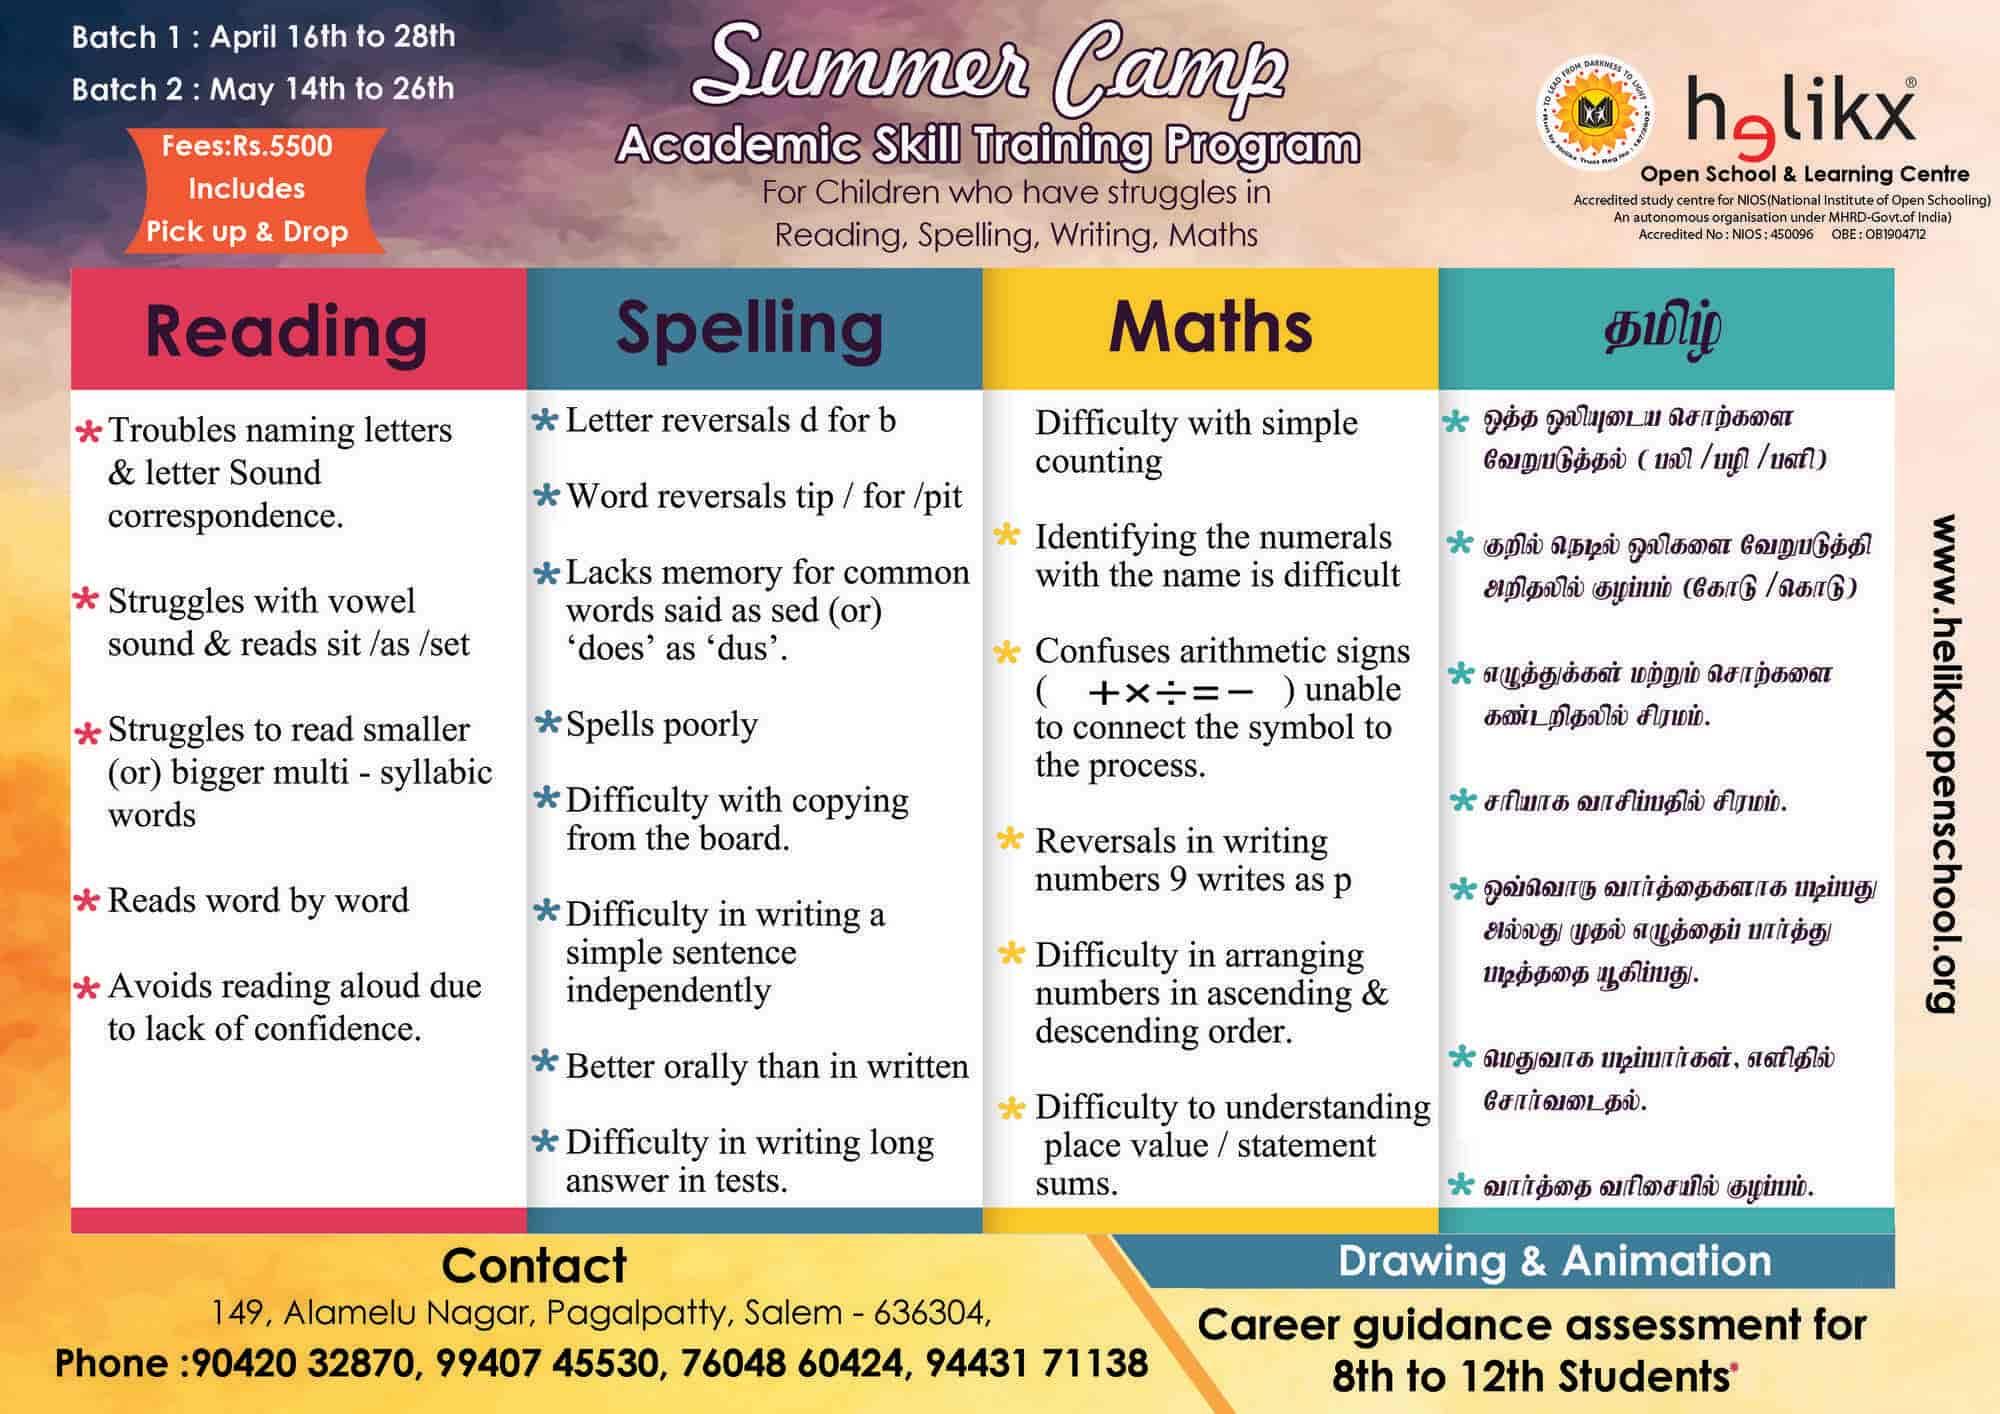 Helikx Open School & Learning Centre, Muthunaickenpatti